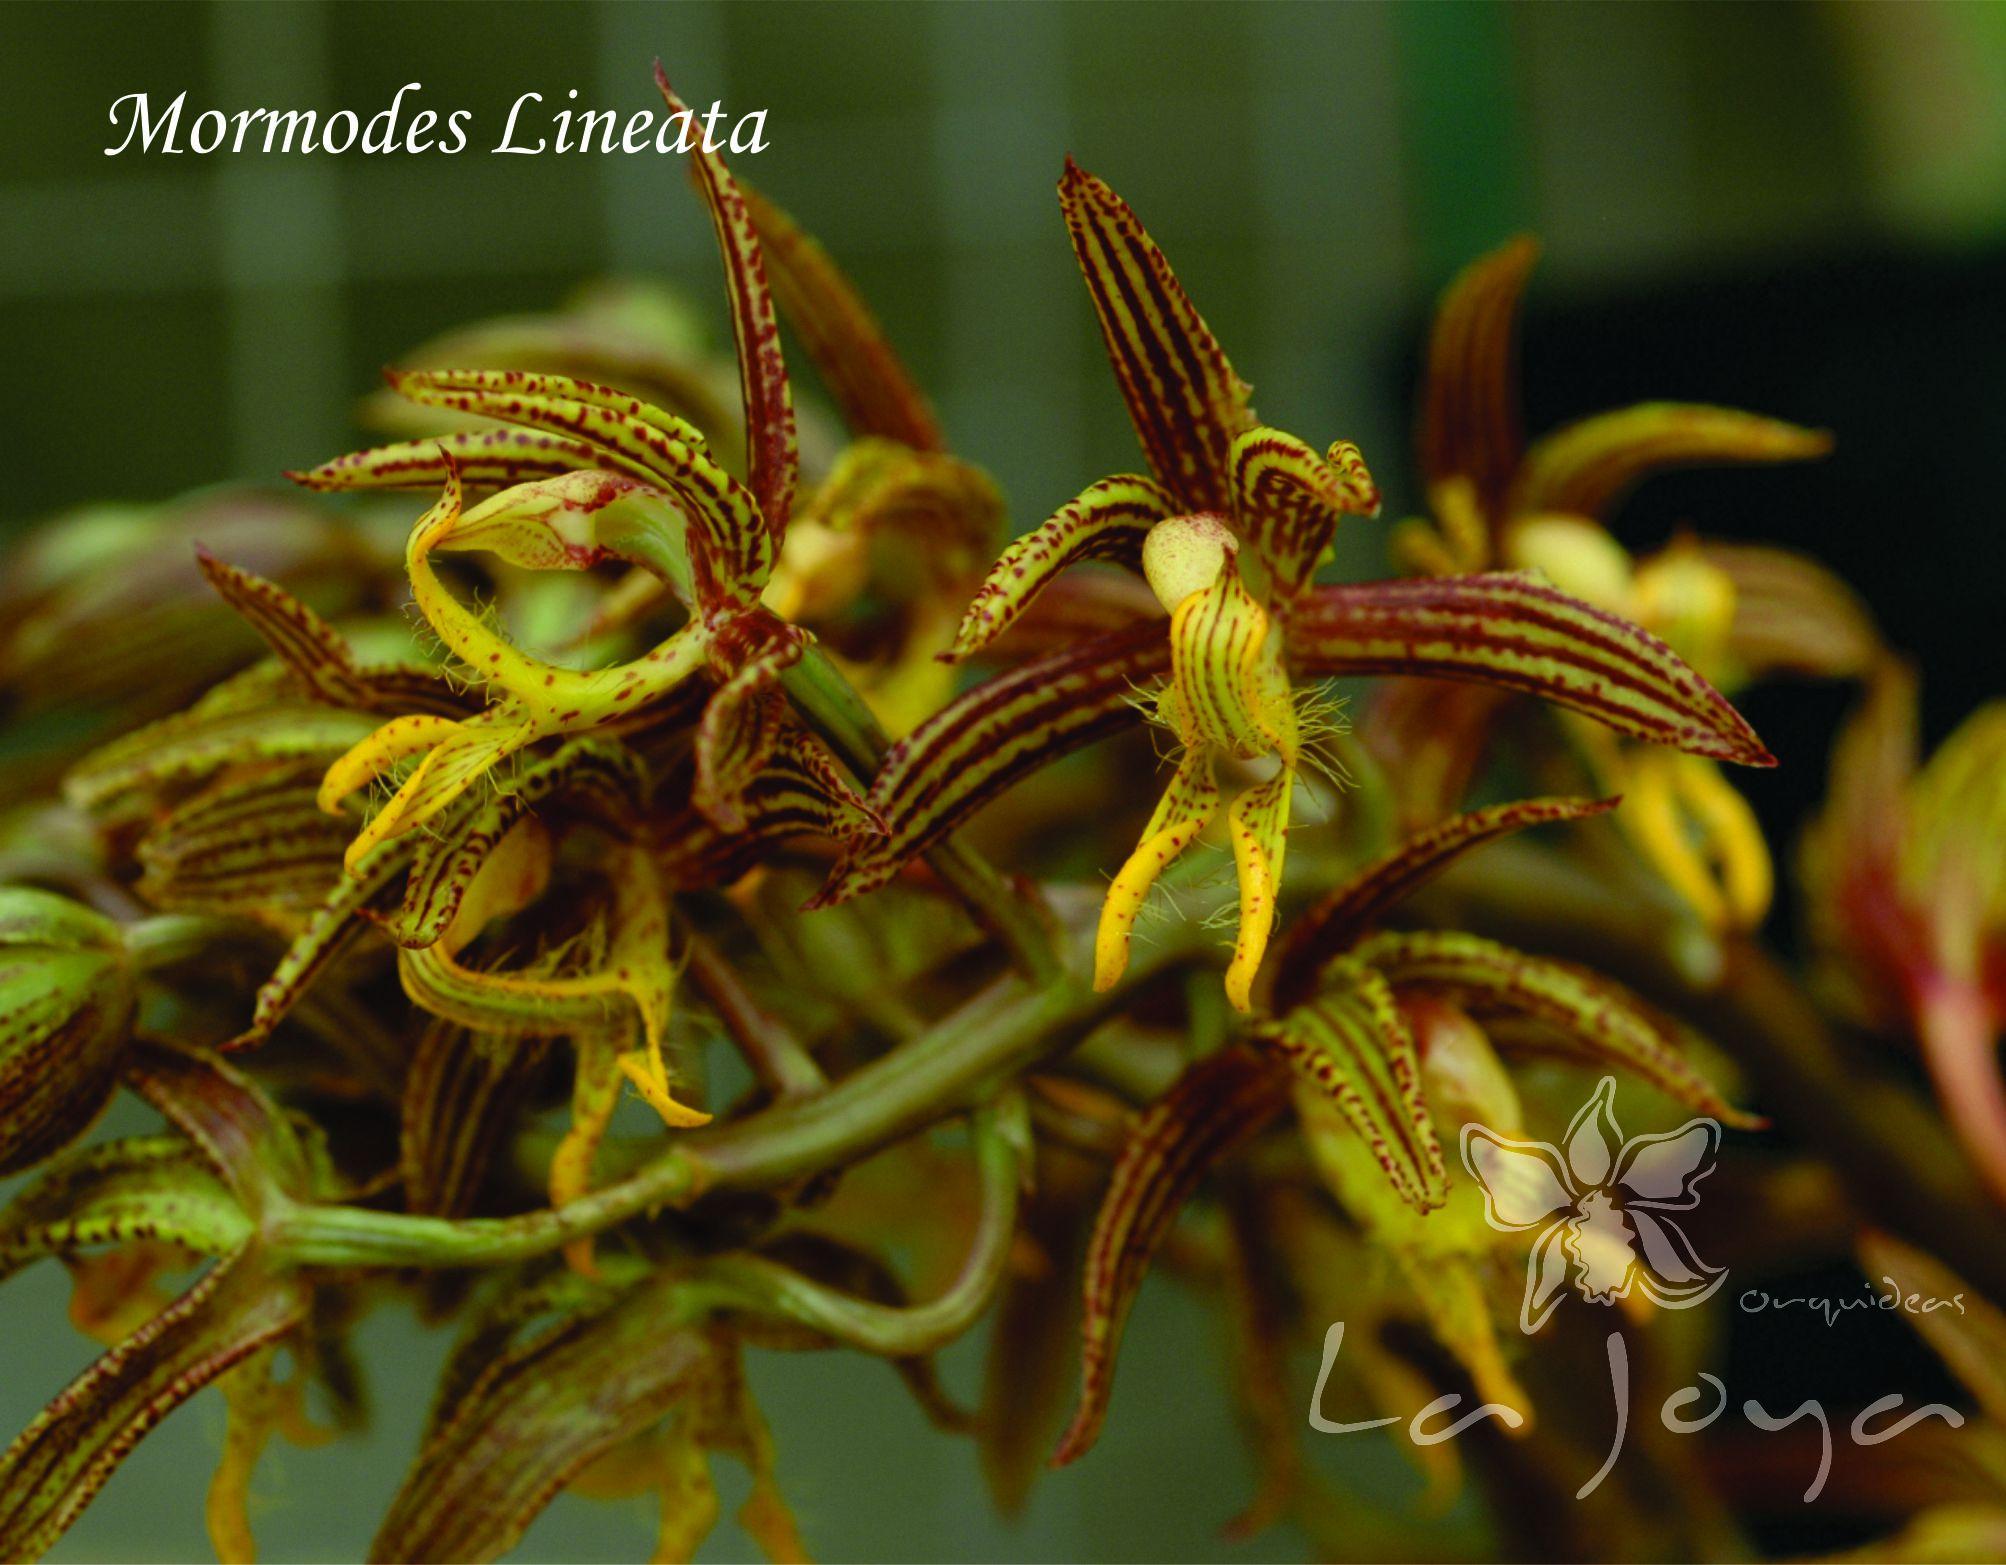 Mormodes Lineata